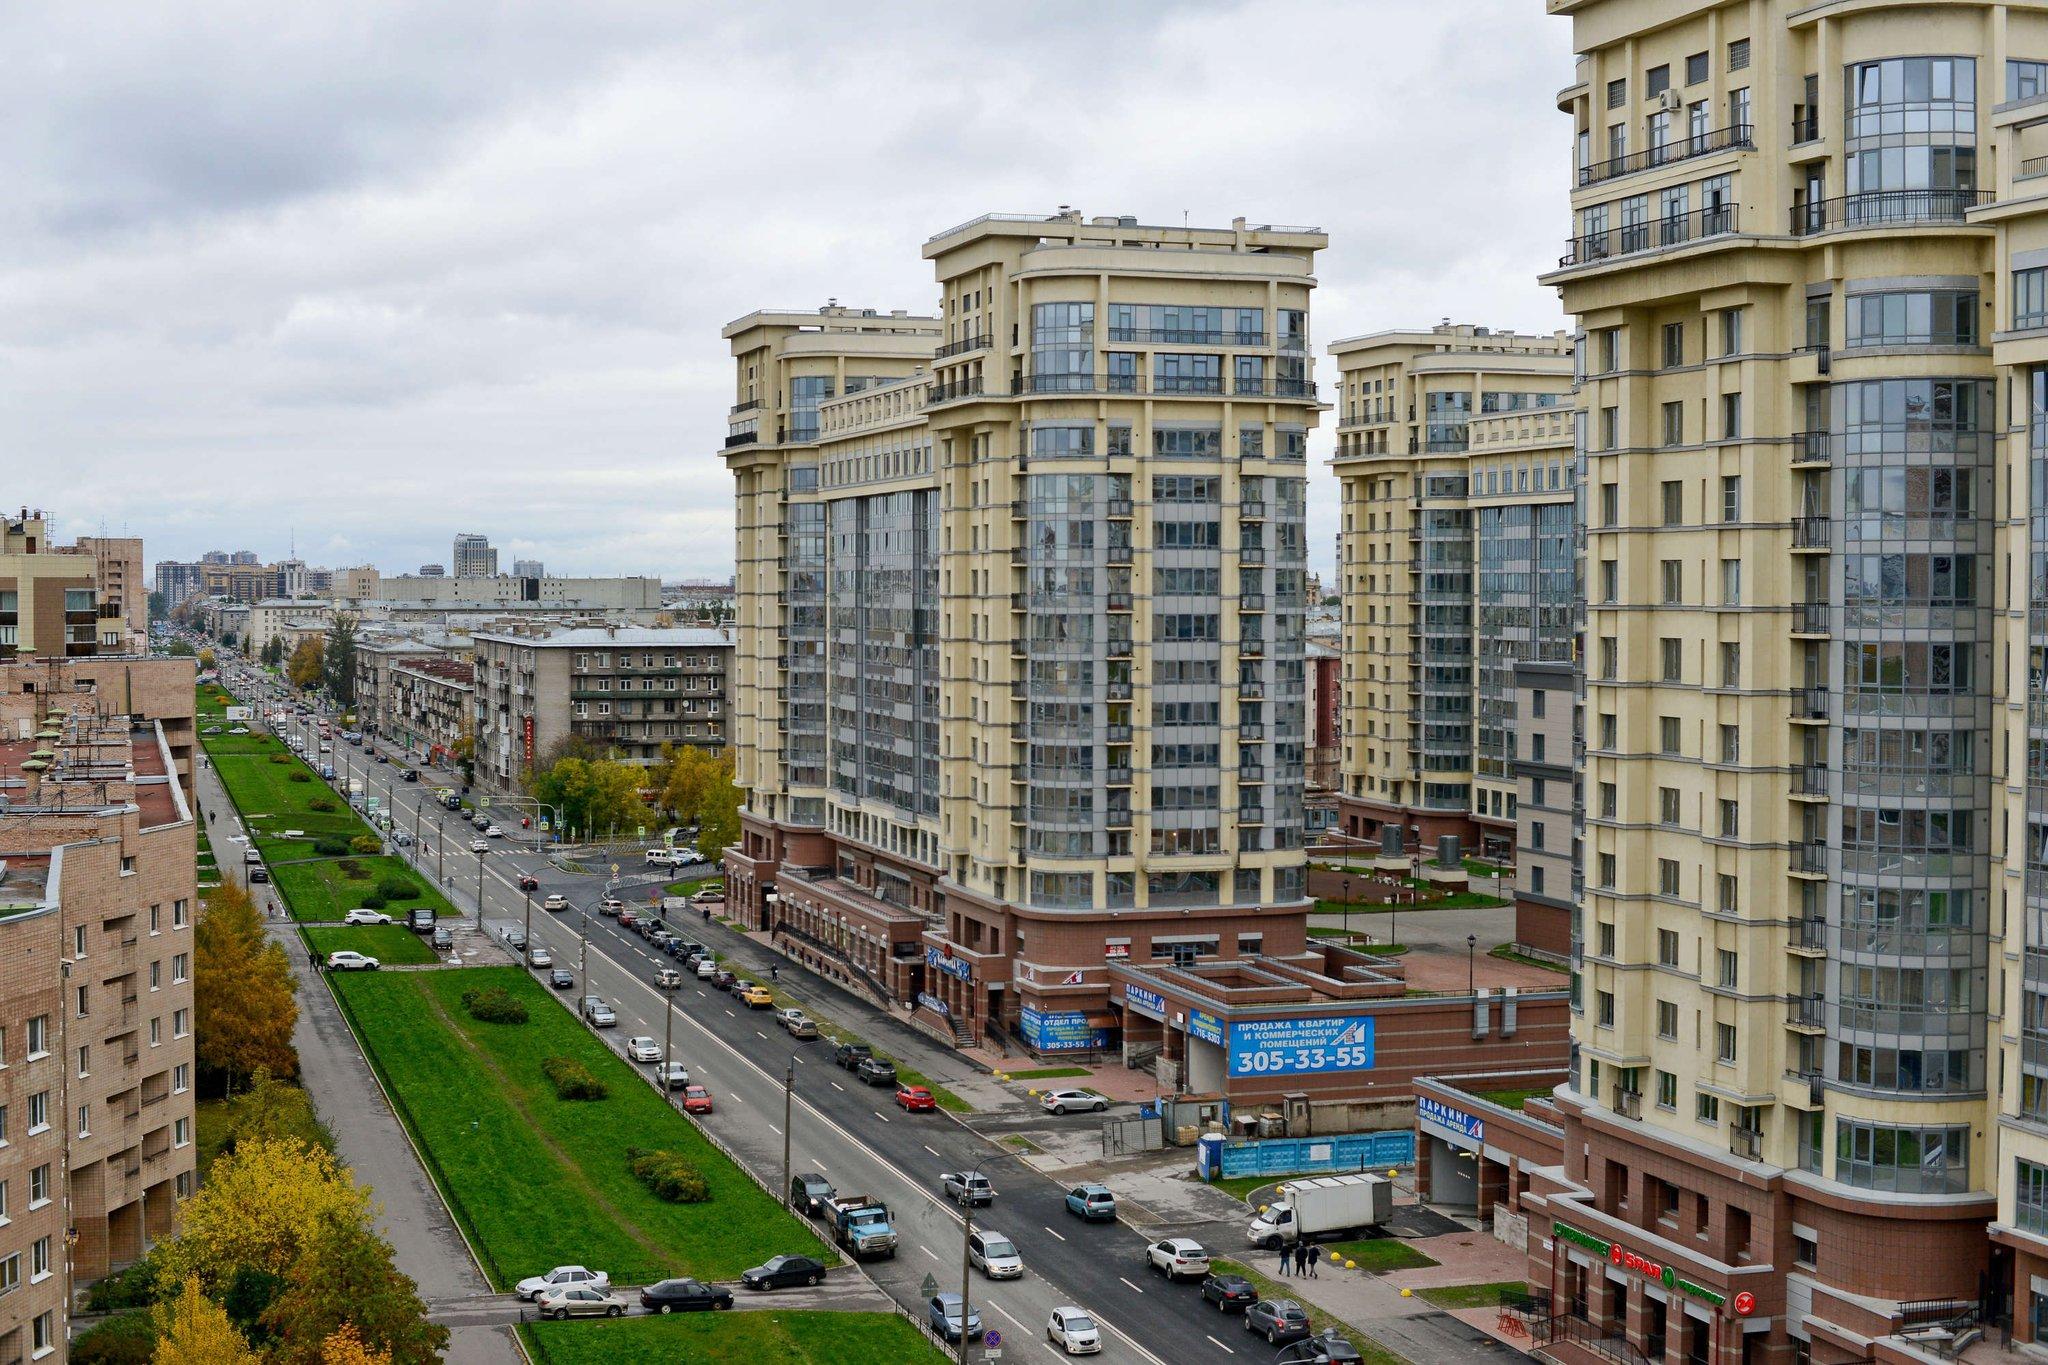 фотографии всех новостроек санкт петербурга